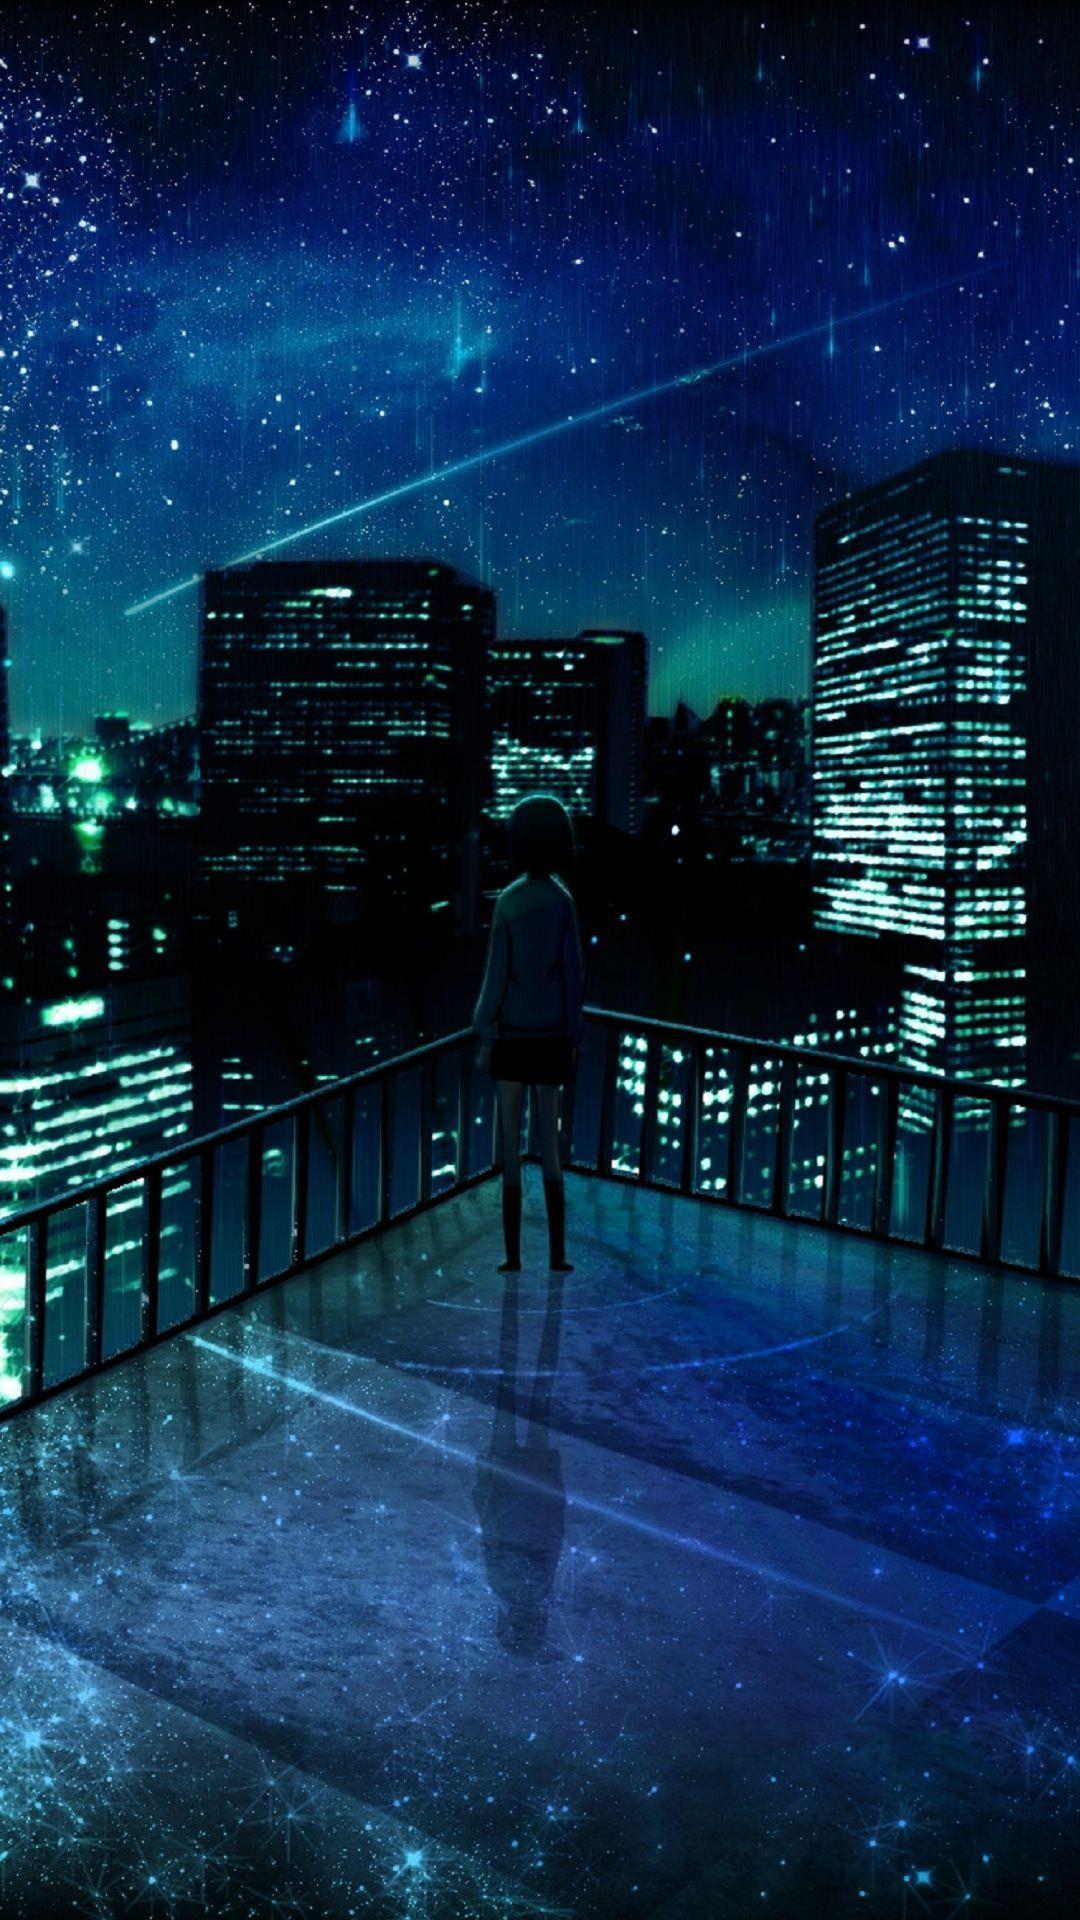 Lansekap Kota Di Malam Hari